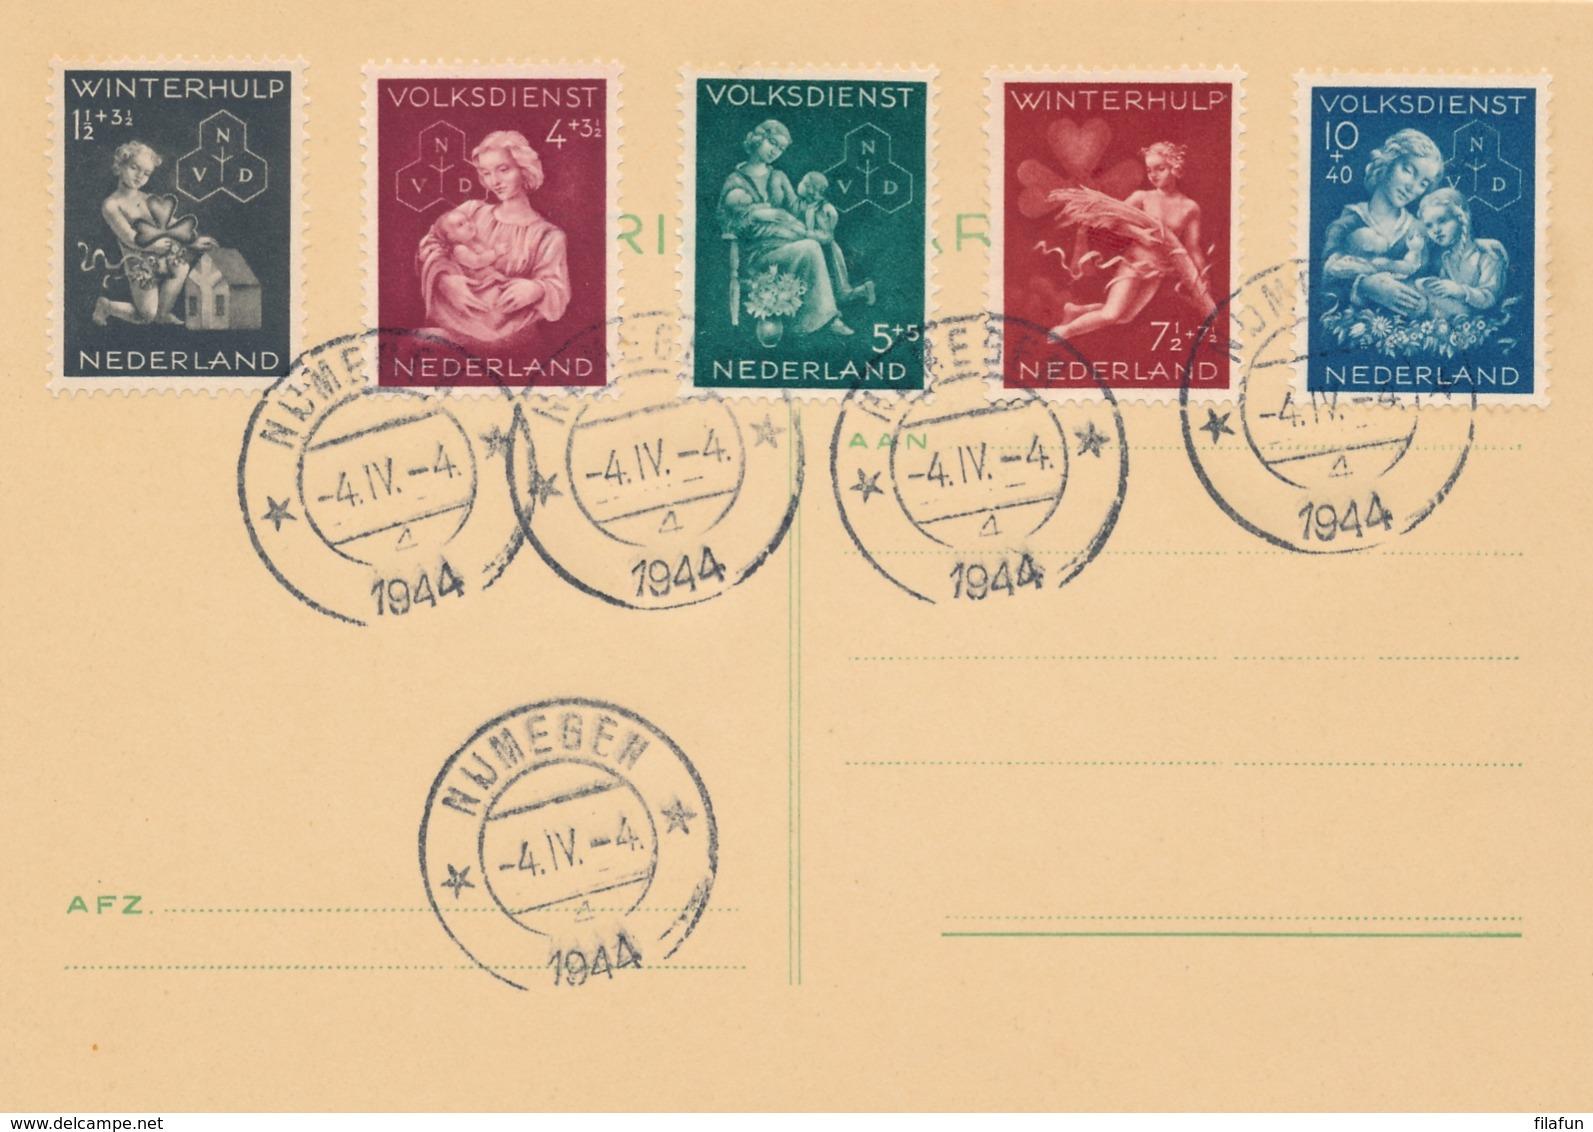 Nederland - 1944 - Winterhulpserie Op Kaart - Nijmegen 4-4-1944 - Geen Adres - Periode 1891-1948 (Wilhelmina)